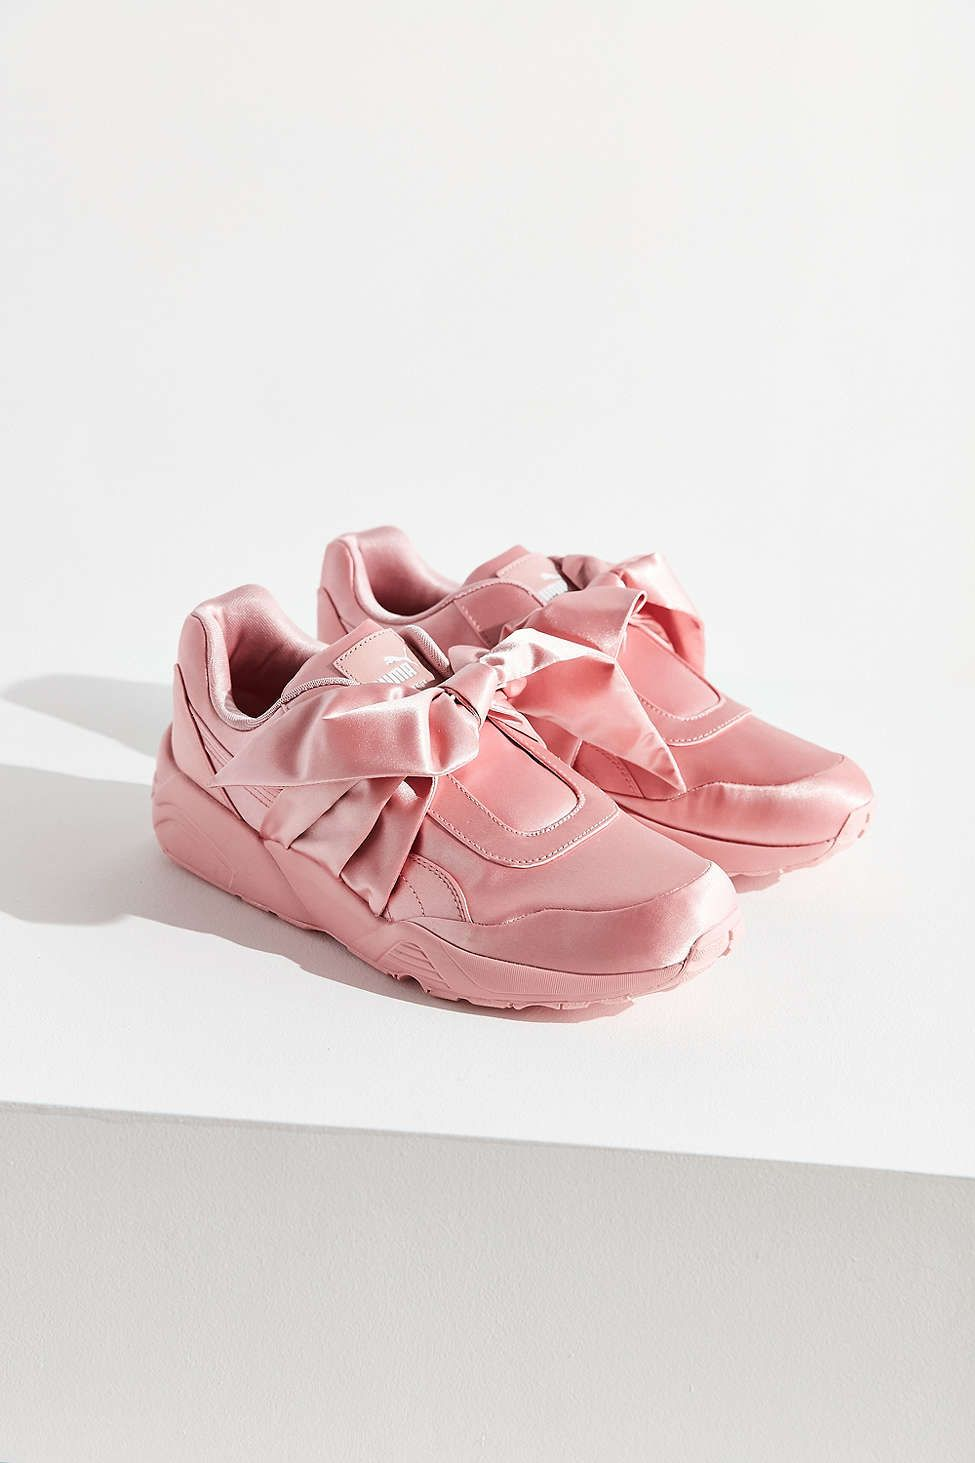 5257f72e2d2 Puma Fenty by Rihanna Satin Bow Sneaker